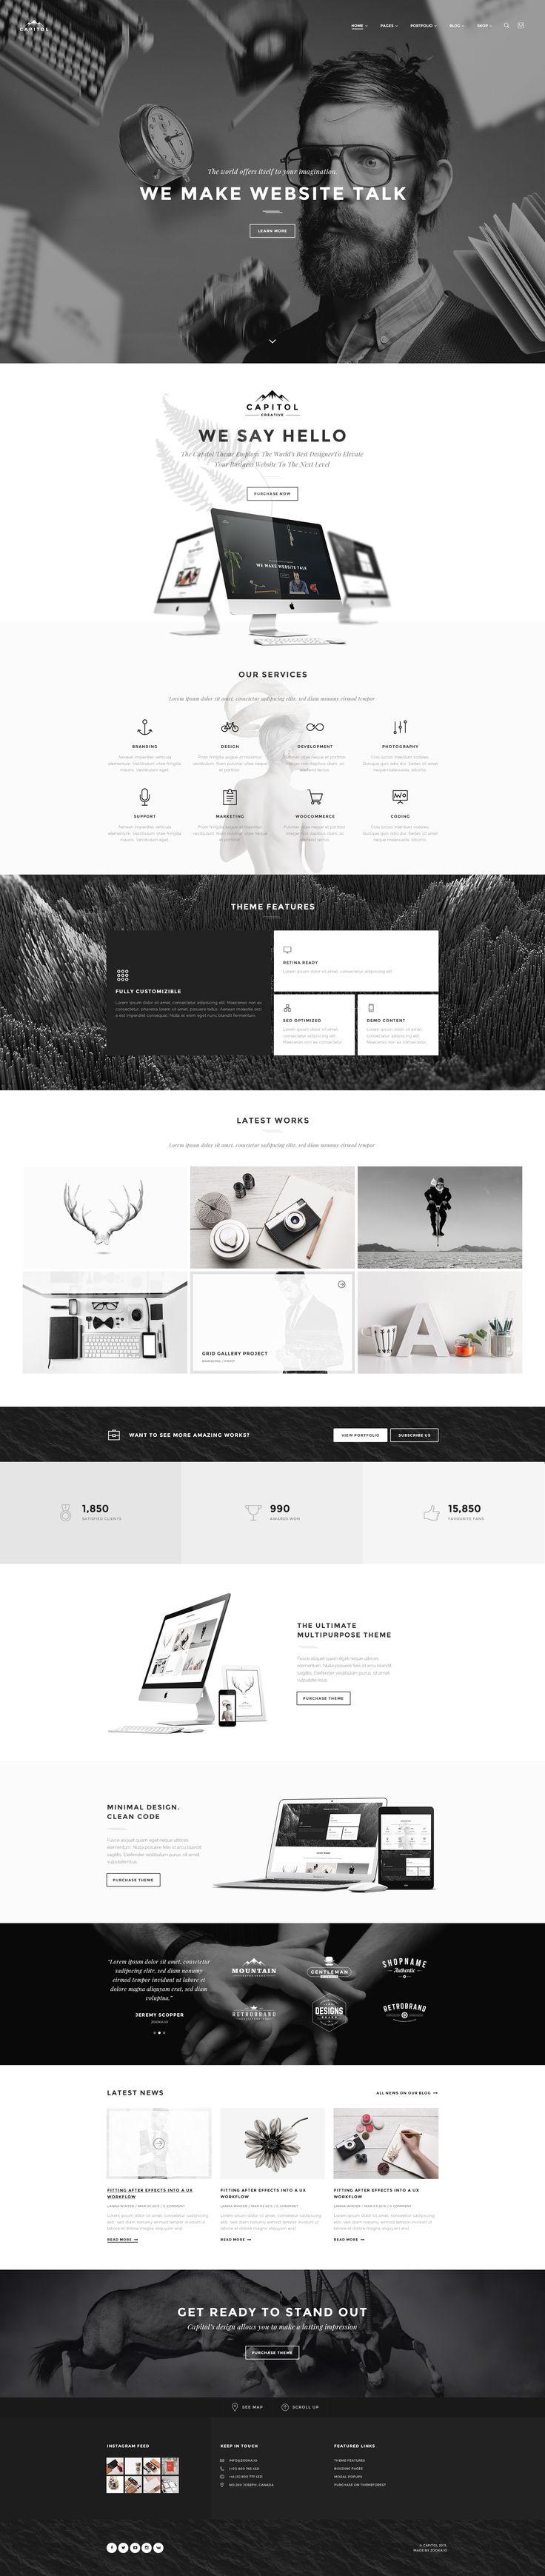 31 Best Webdesign Images On Pinterest Website Designs Website